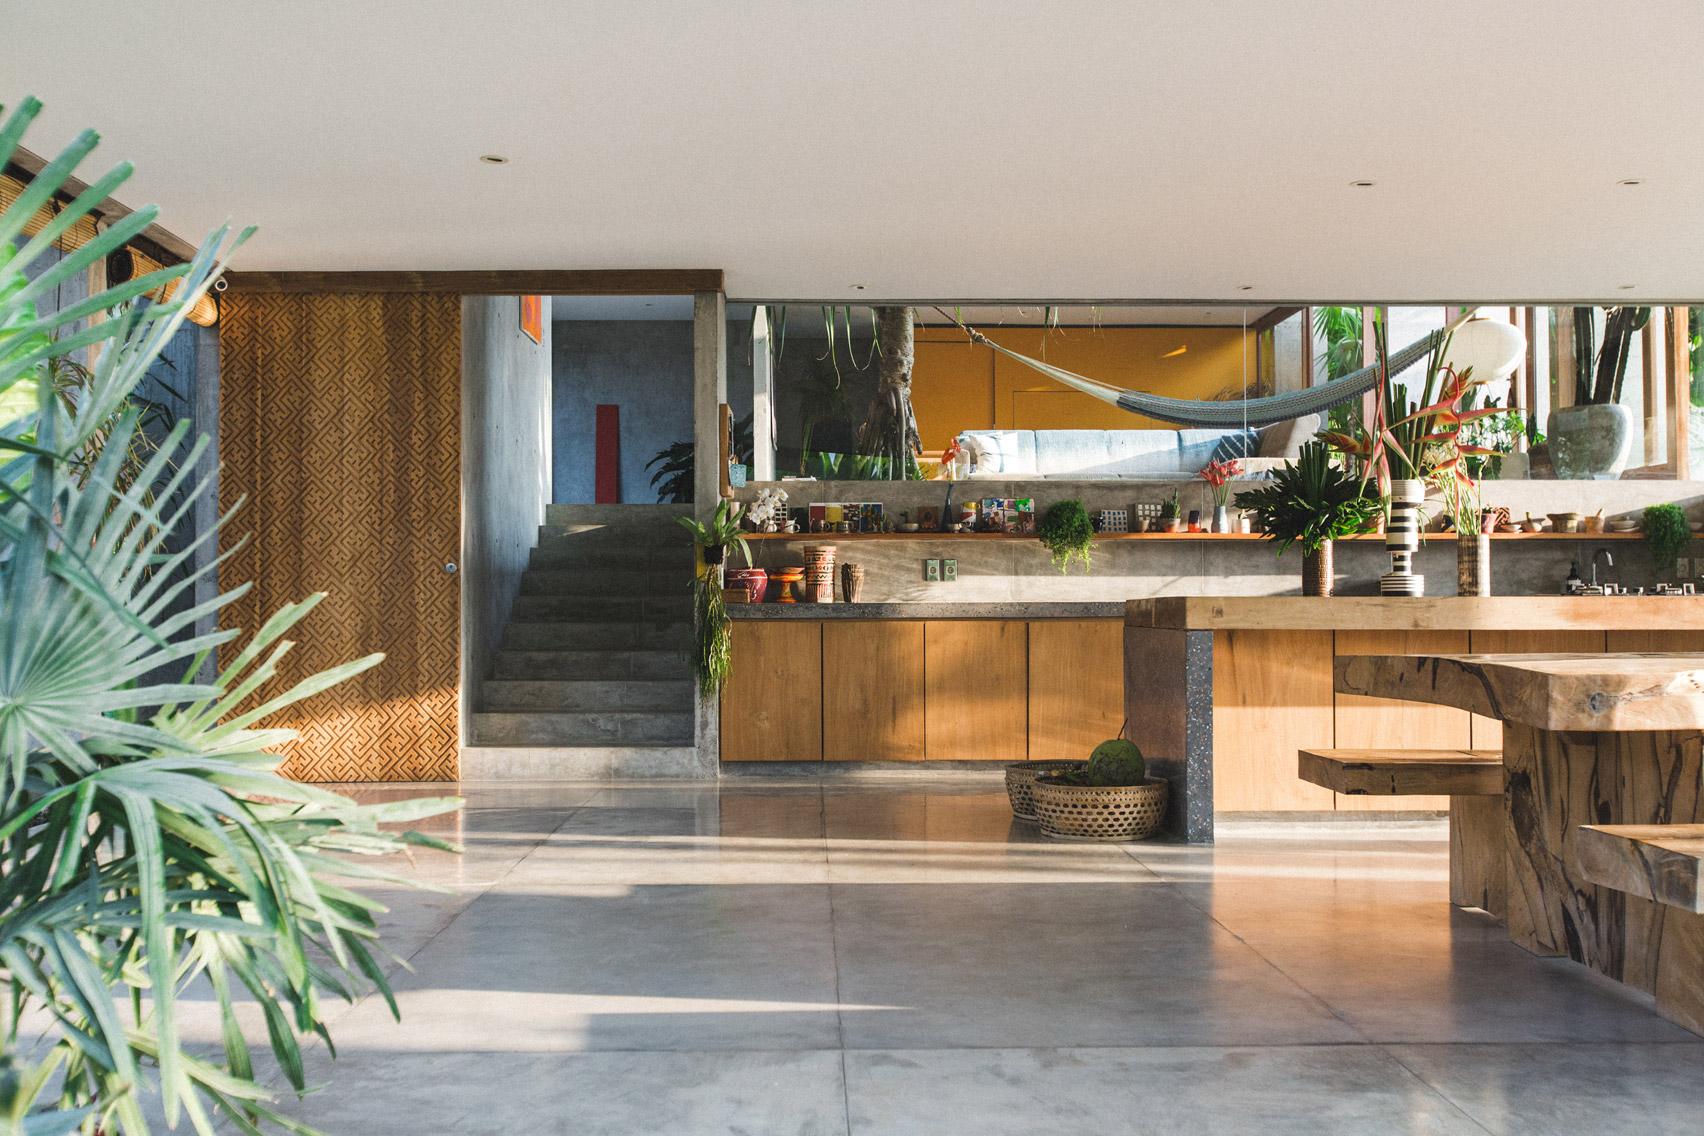 Ngôi nhà đầy sắc màu nhiệt đới với cây xanh phủ kín mọi góc nhìn - Ảnh 6.